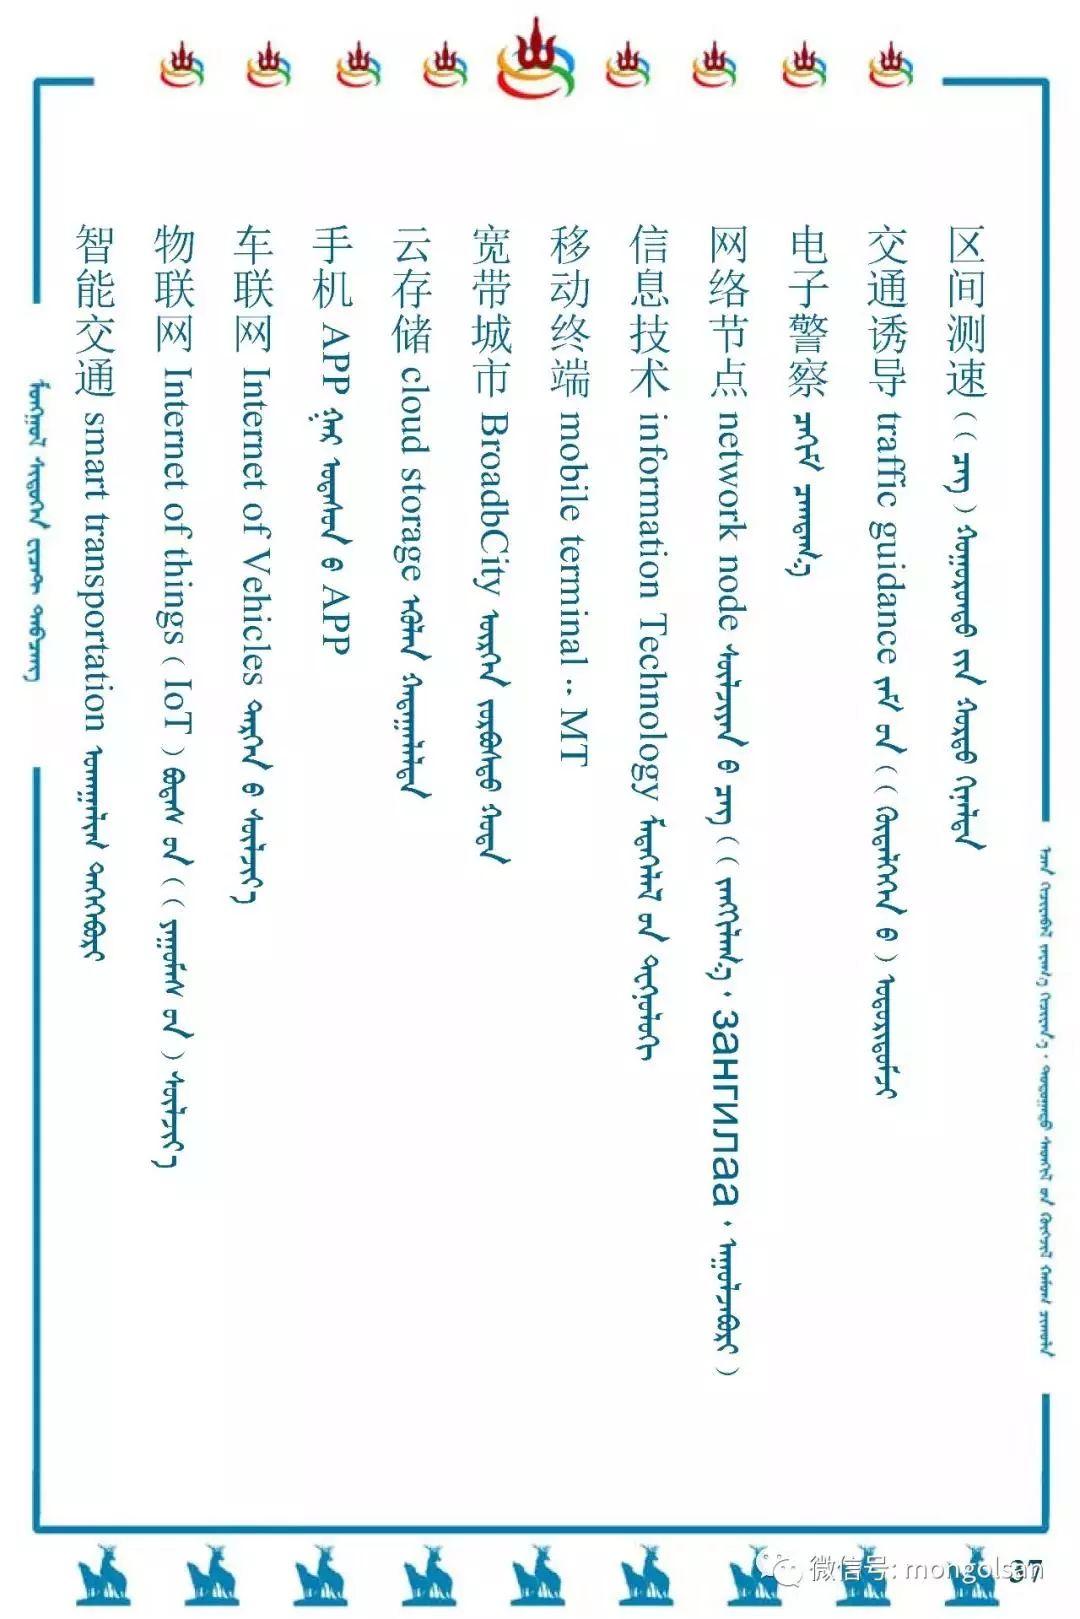 最新名词蒙古语翻译参考 第37张